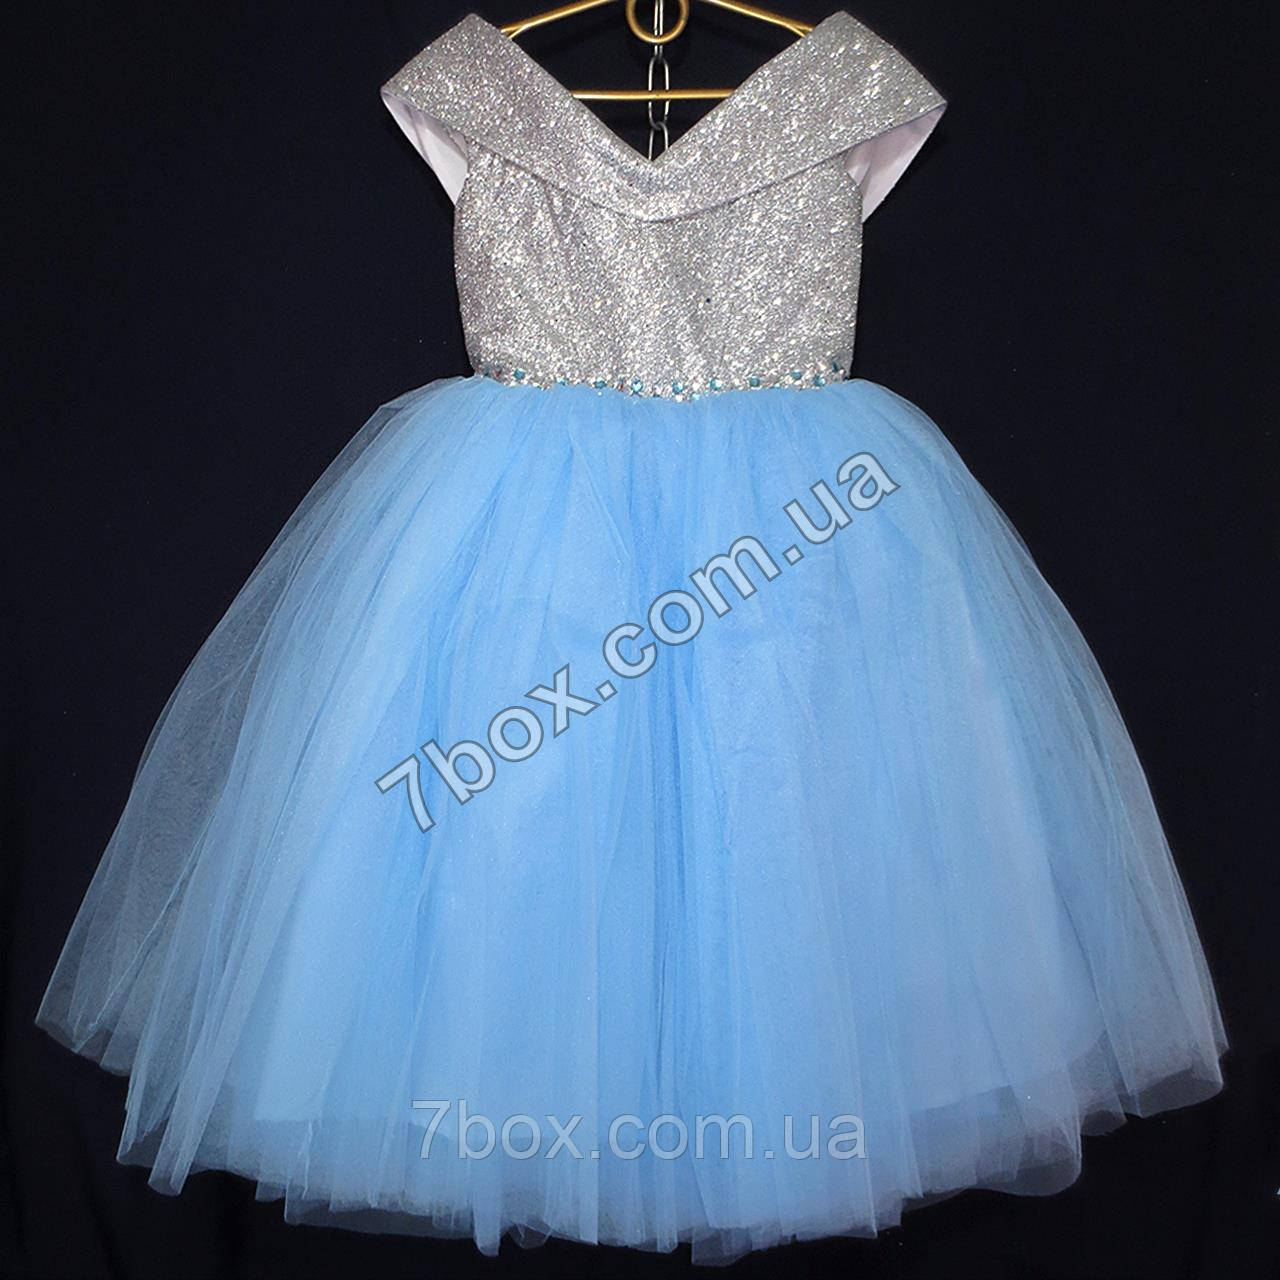 """Детское нарядное платье """"Изумительное"""" 6лет серебро+голубое"""